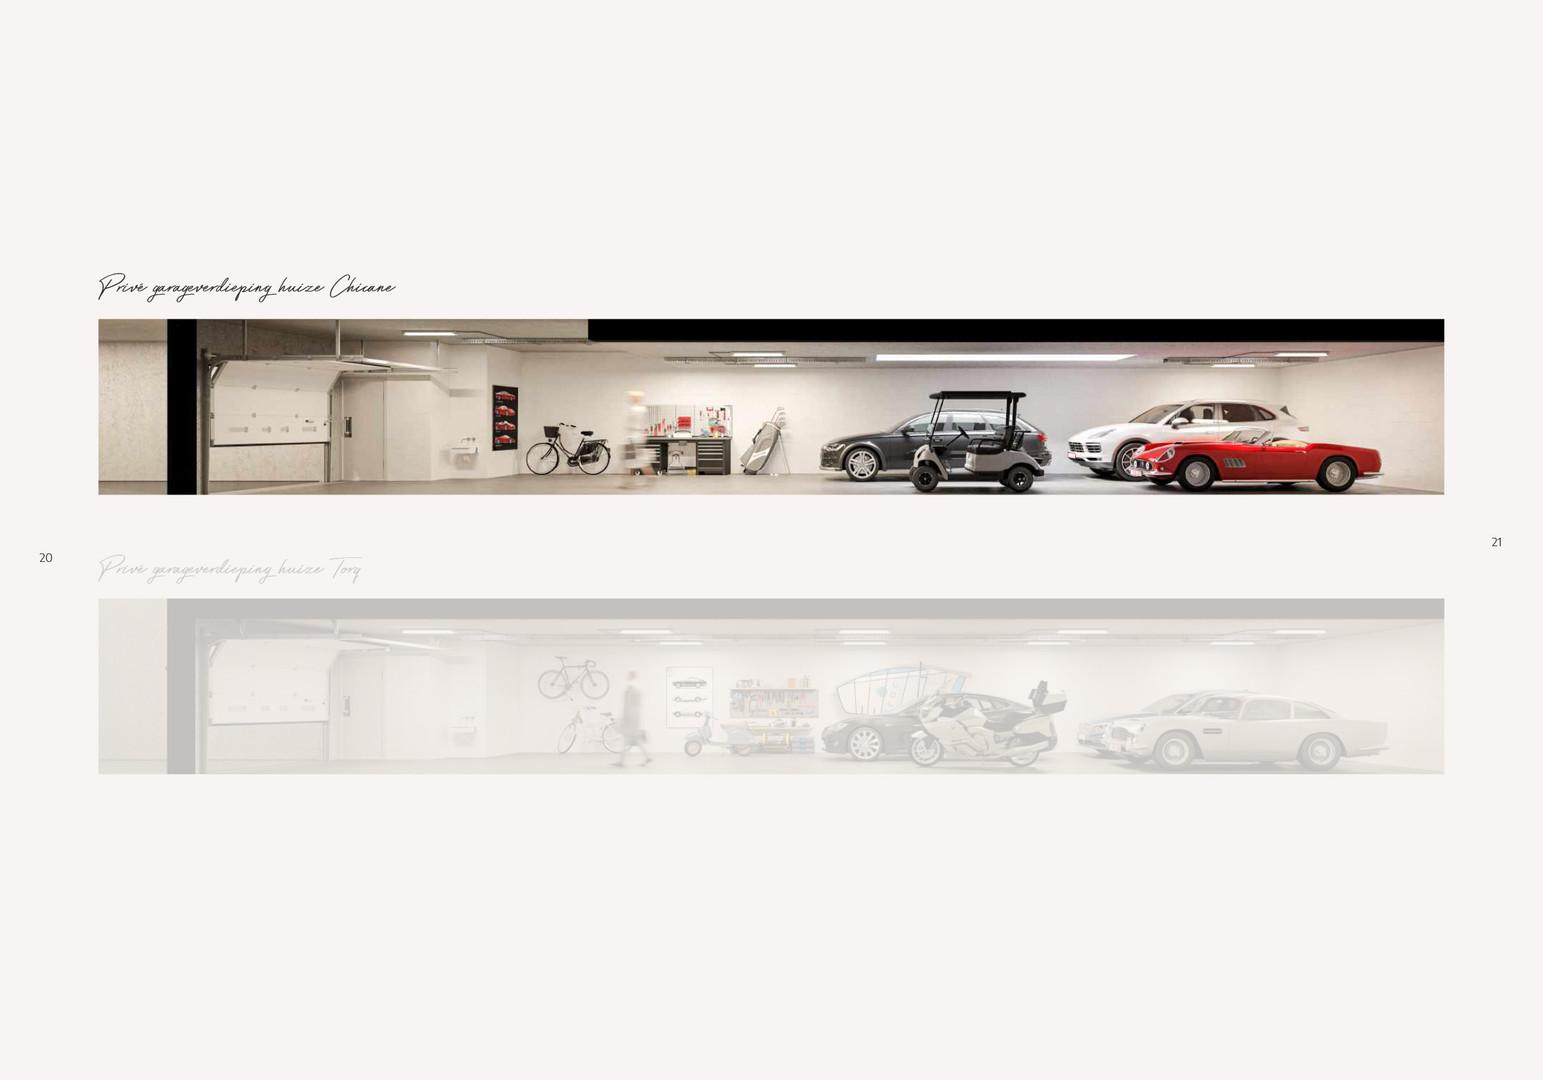 chciane garages.jpg